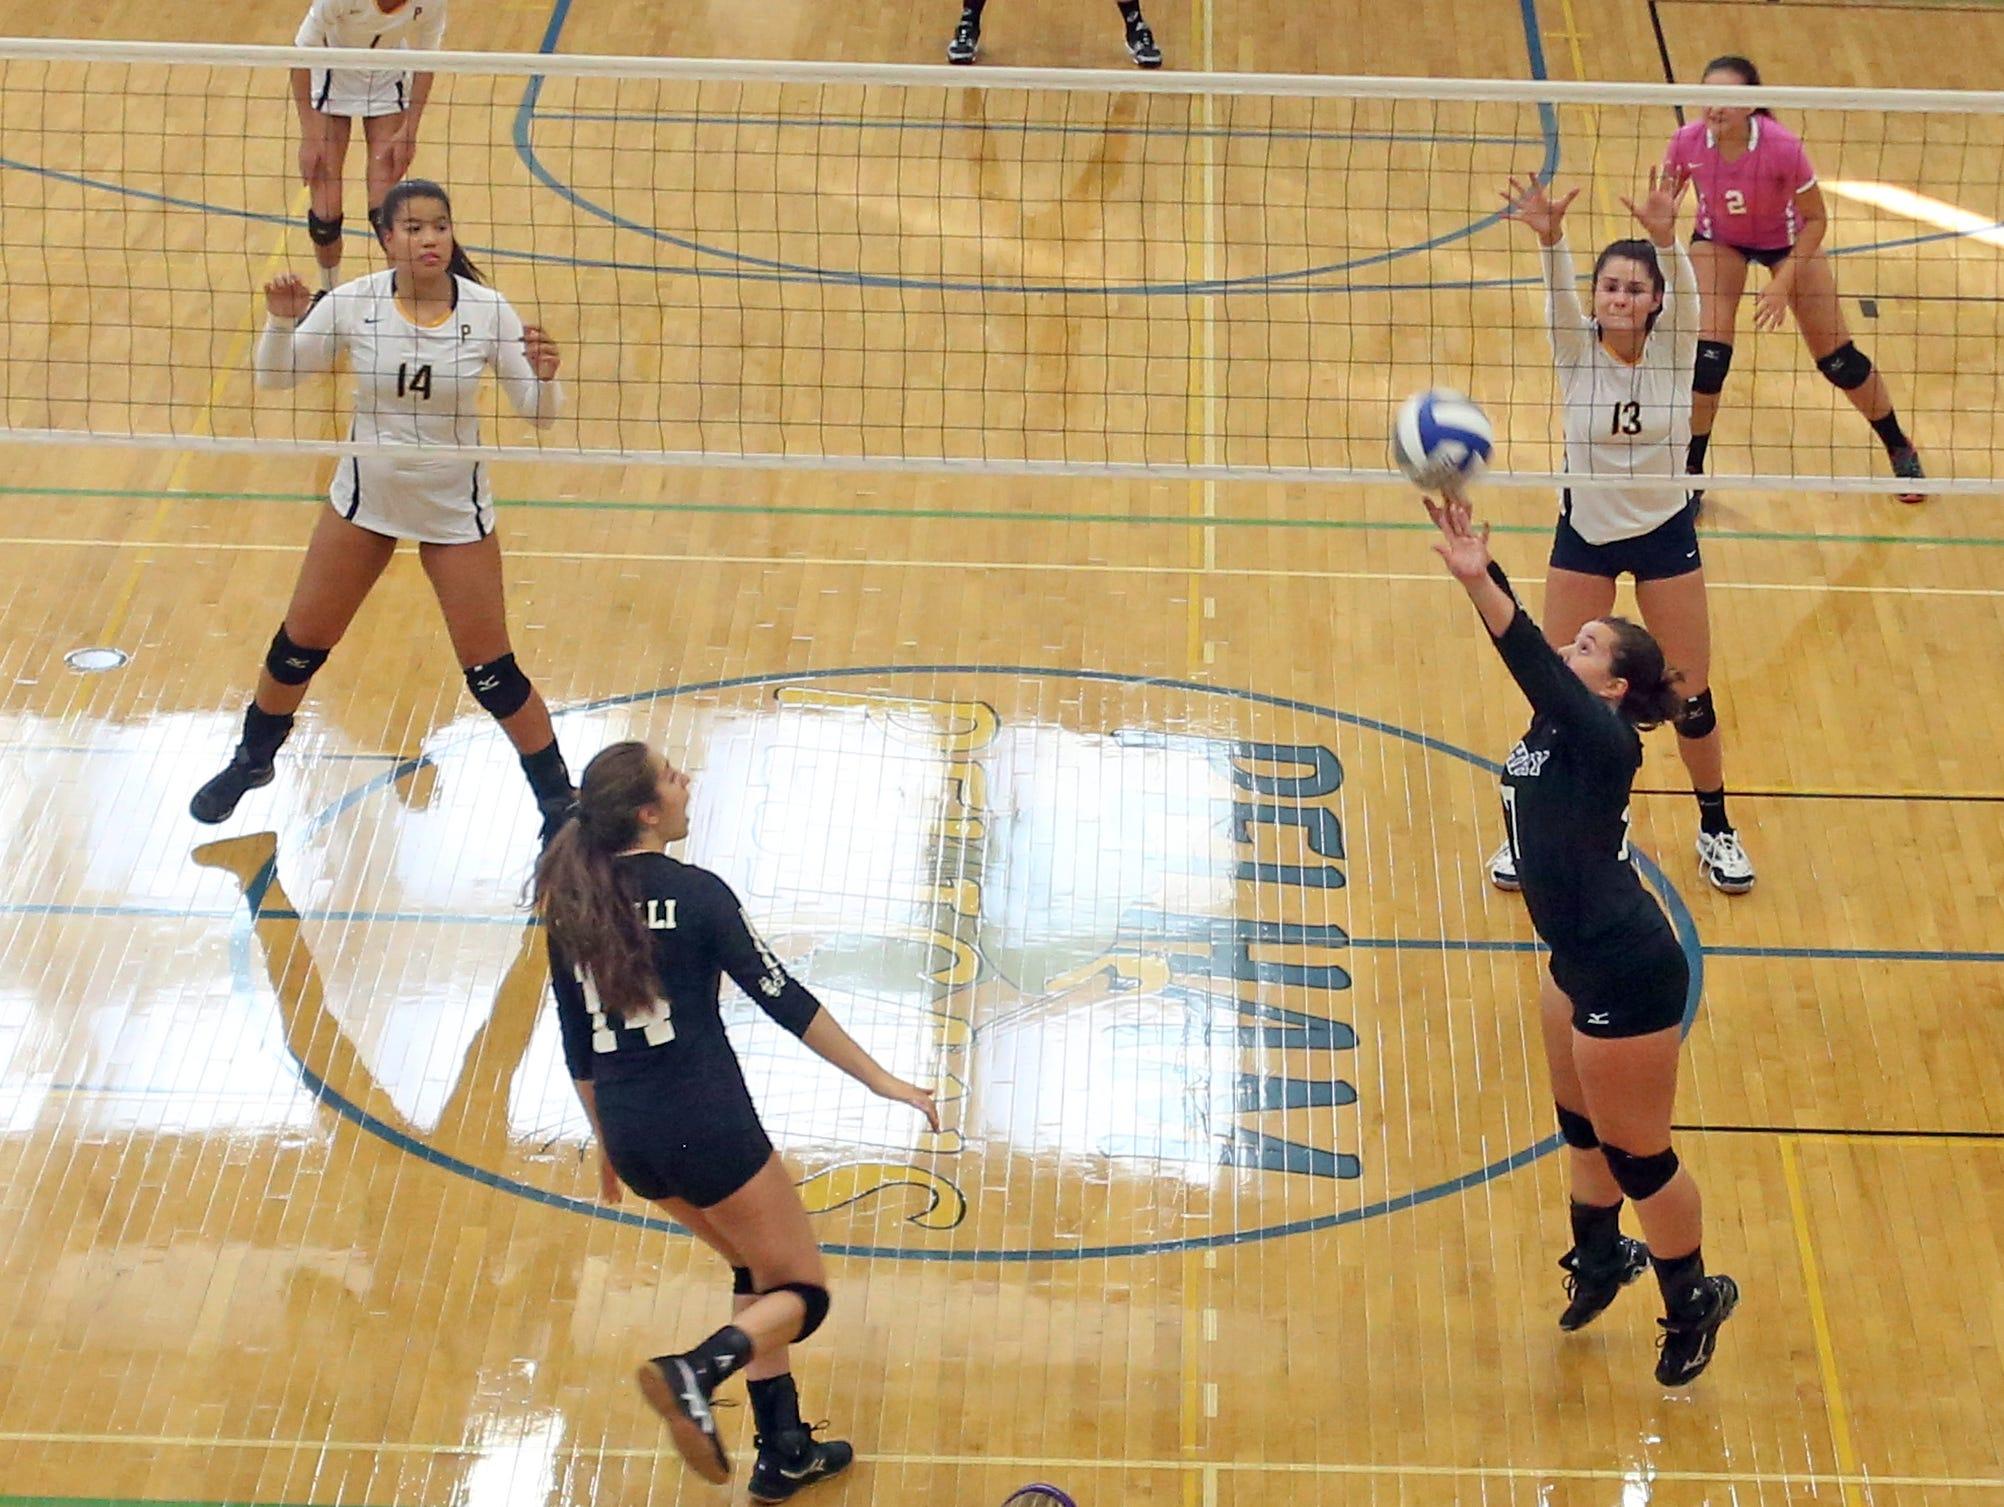 John Jay's Amanda Wien sets up a shot for Rachel Cifarelli during a varsity volleyball match against Pelham at Pelham High School Sept. 3, 2015.